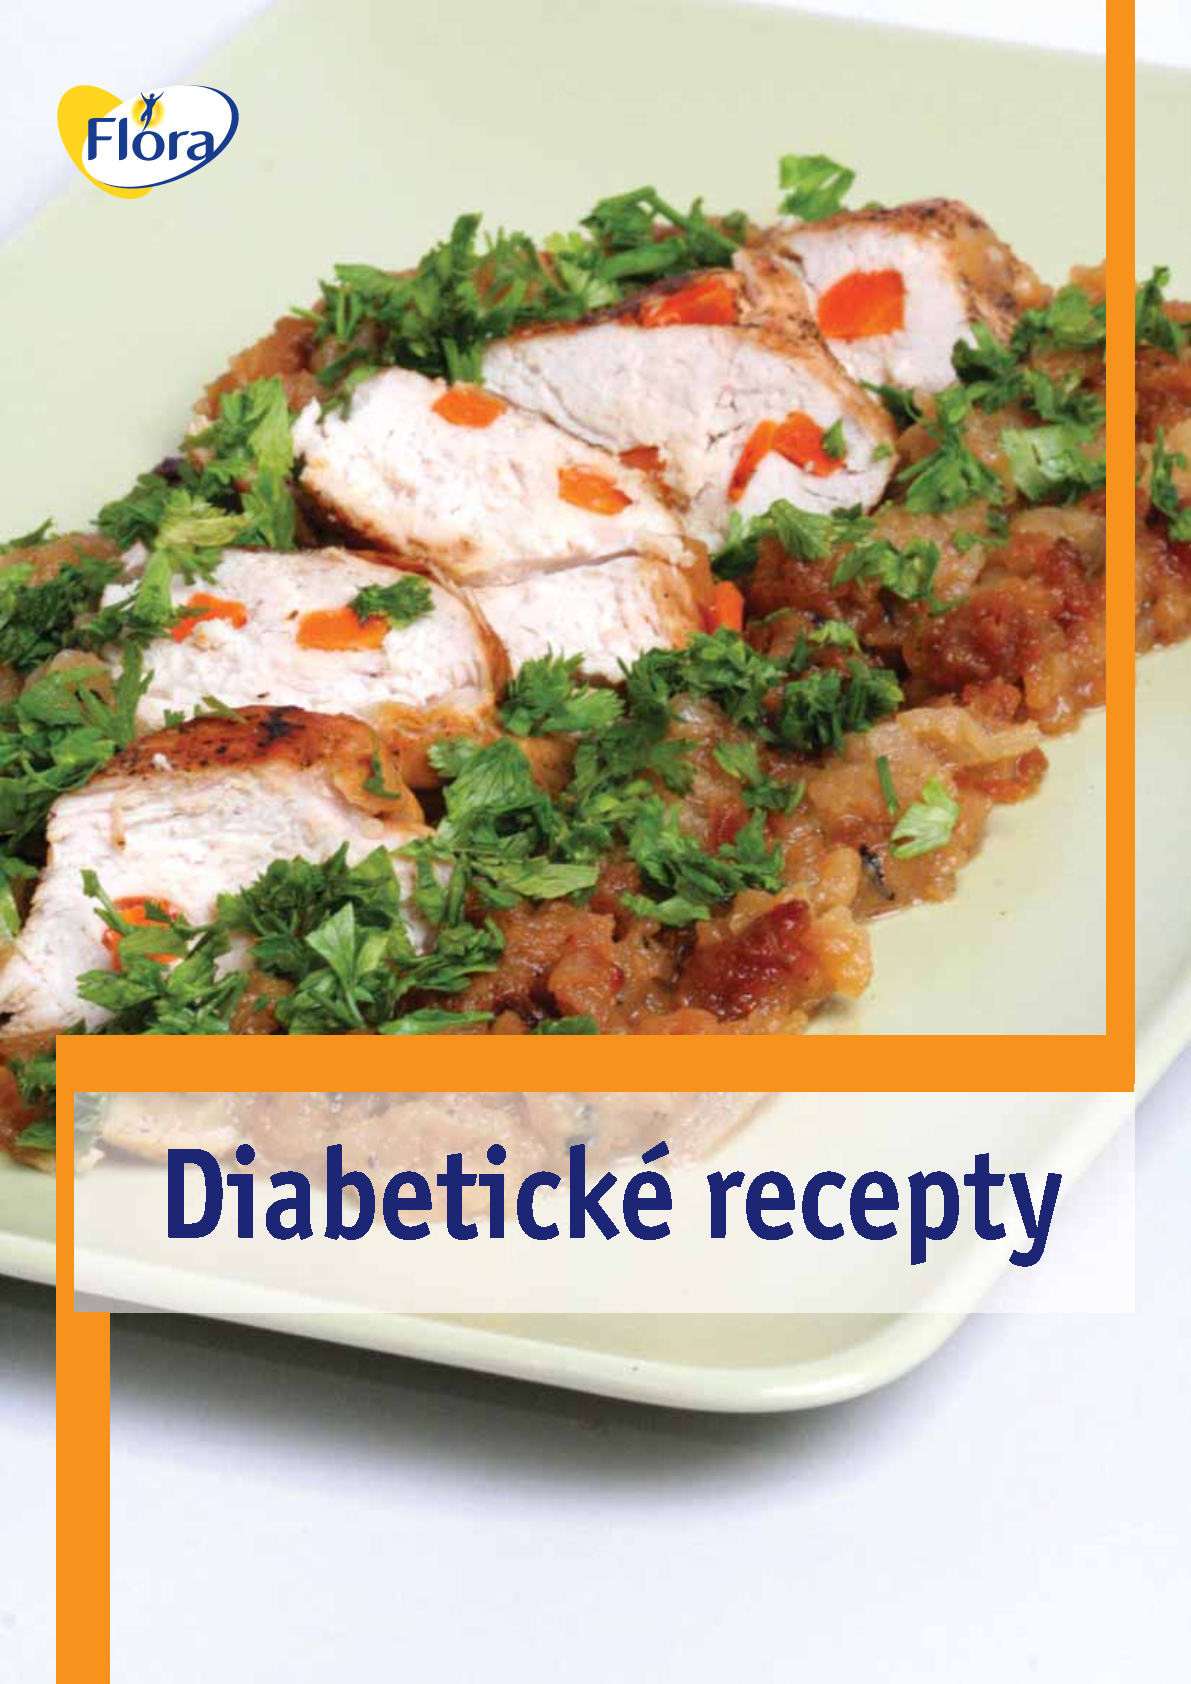 Diabeticke recepty